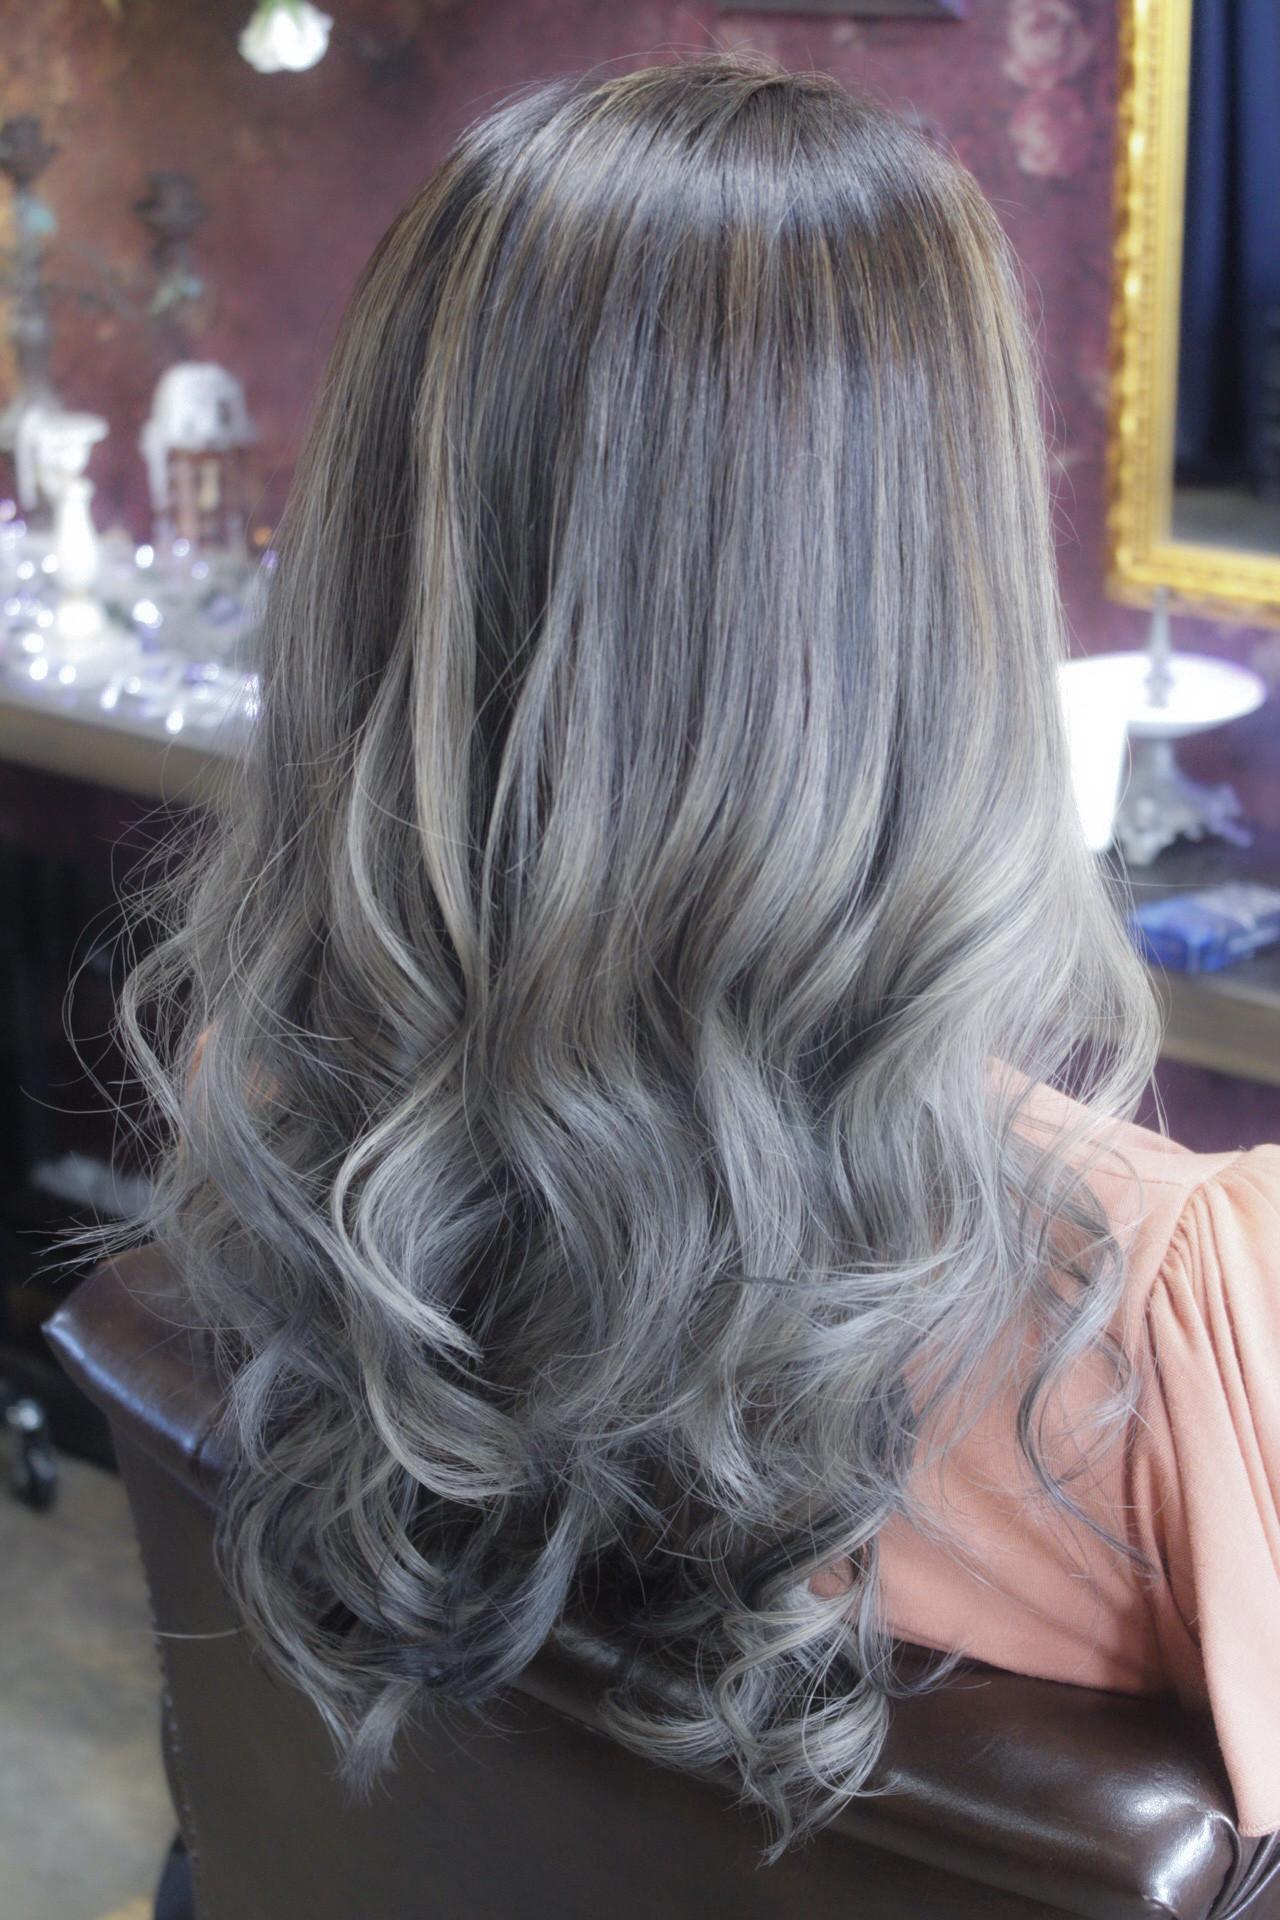 ブリーチ ロング ダブルカラー バレイヤージュヘアスタイルや髪型の写真・画像